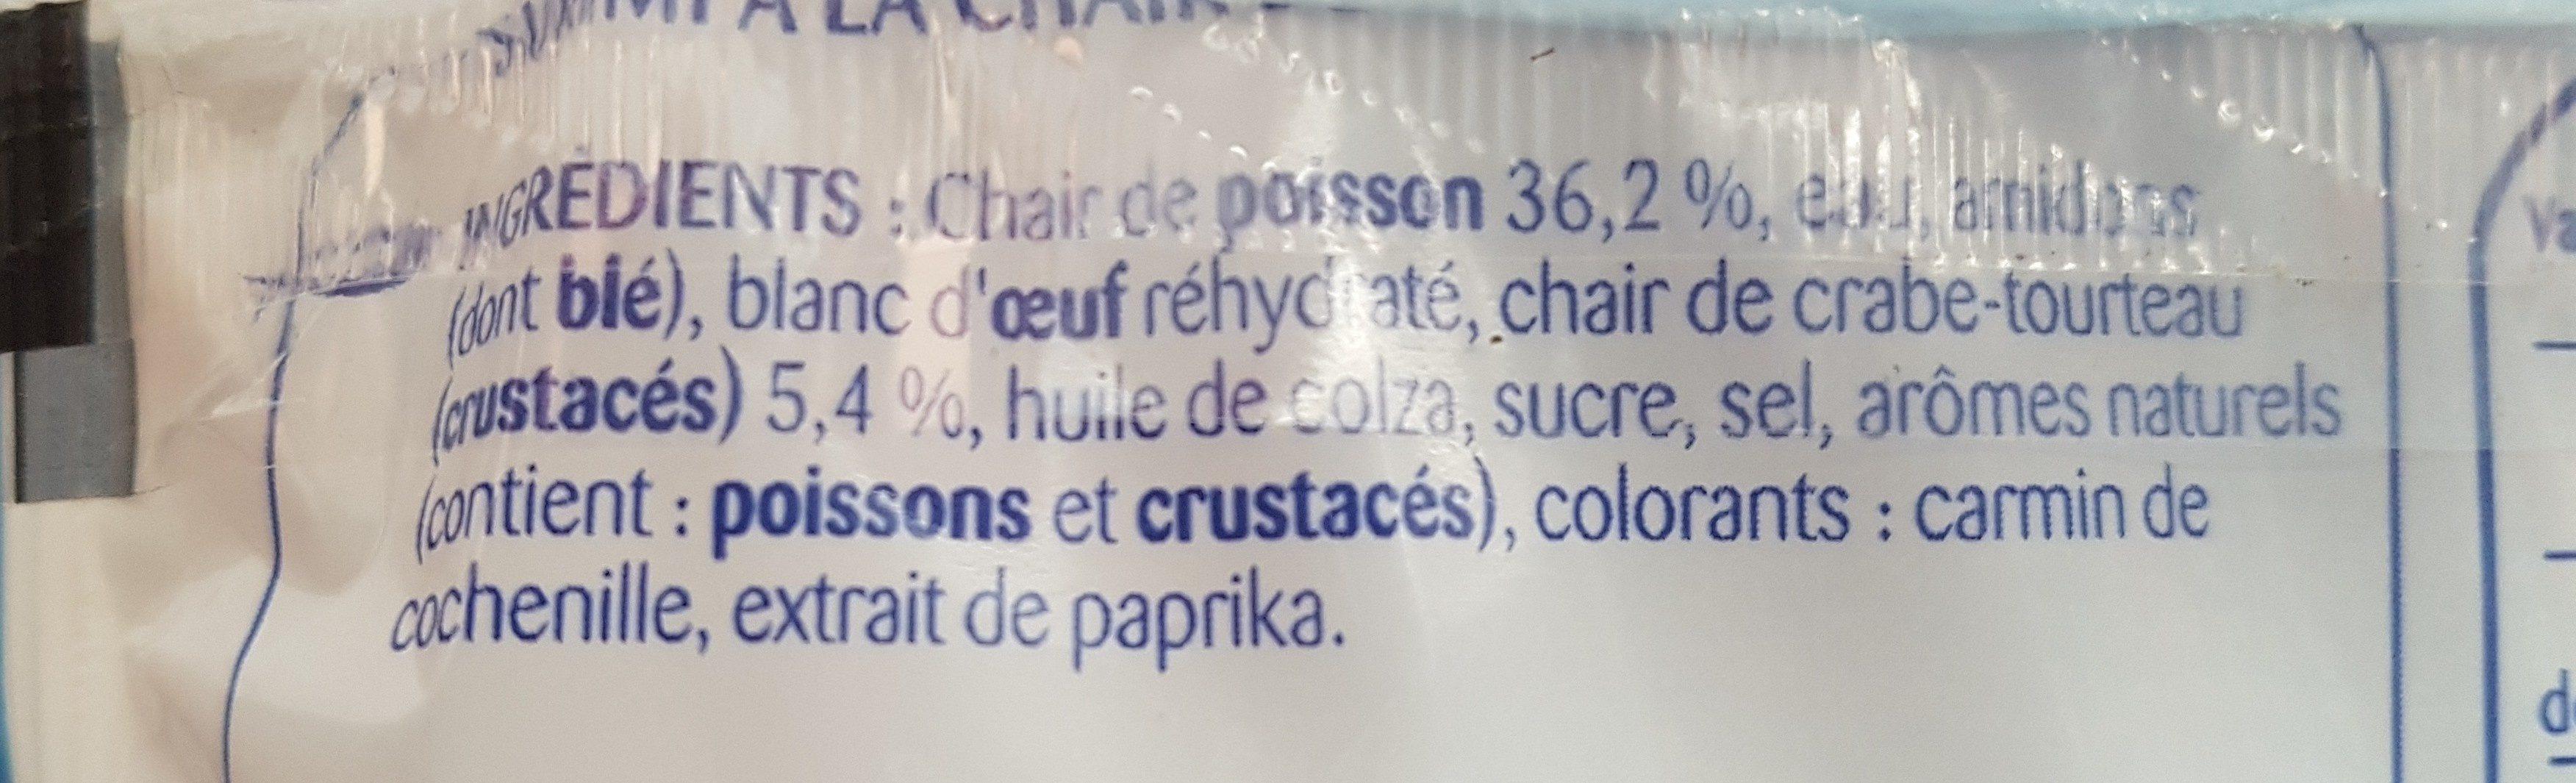 Plaisir de surimi à la chair de crabe - Ingrédients - fr